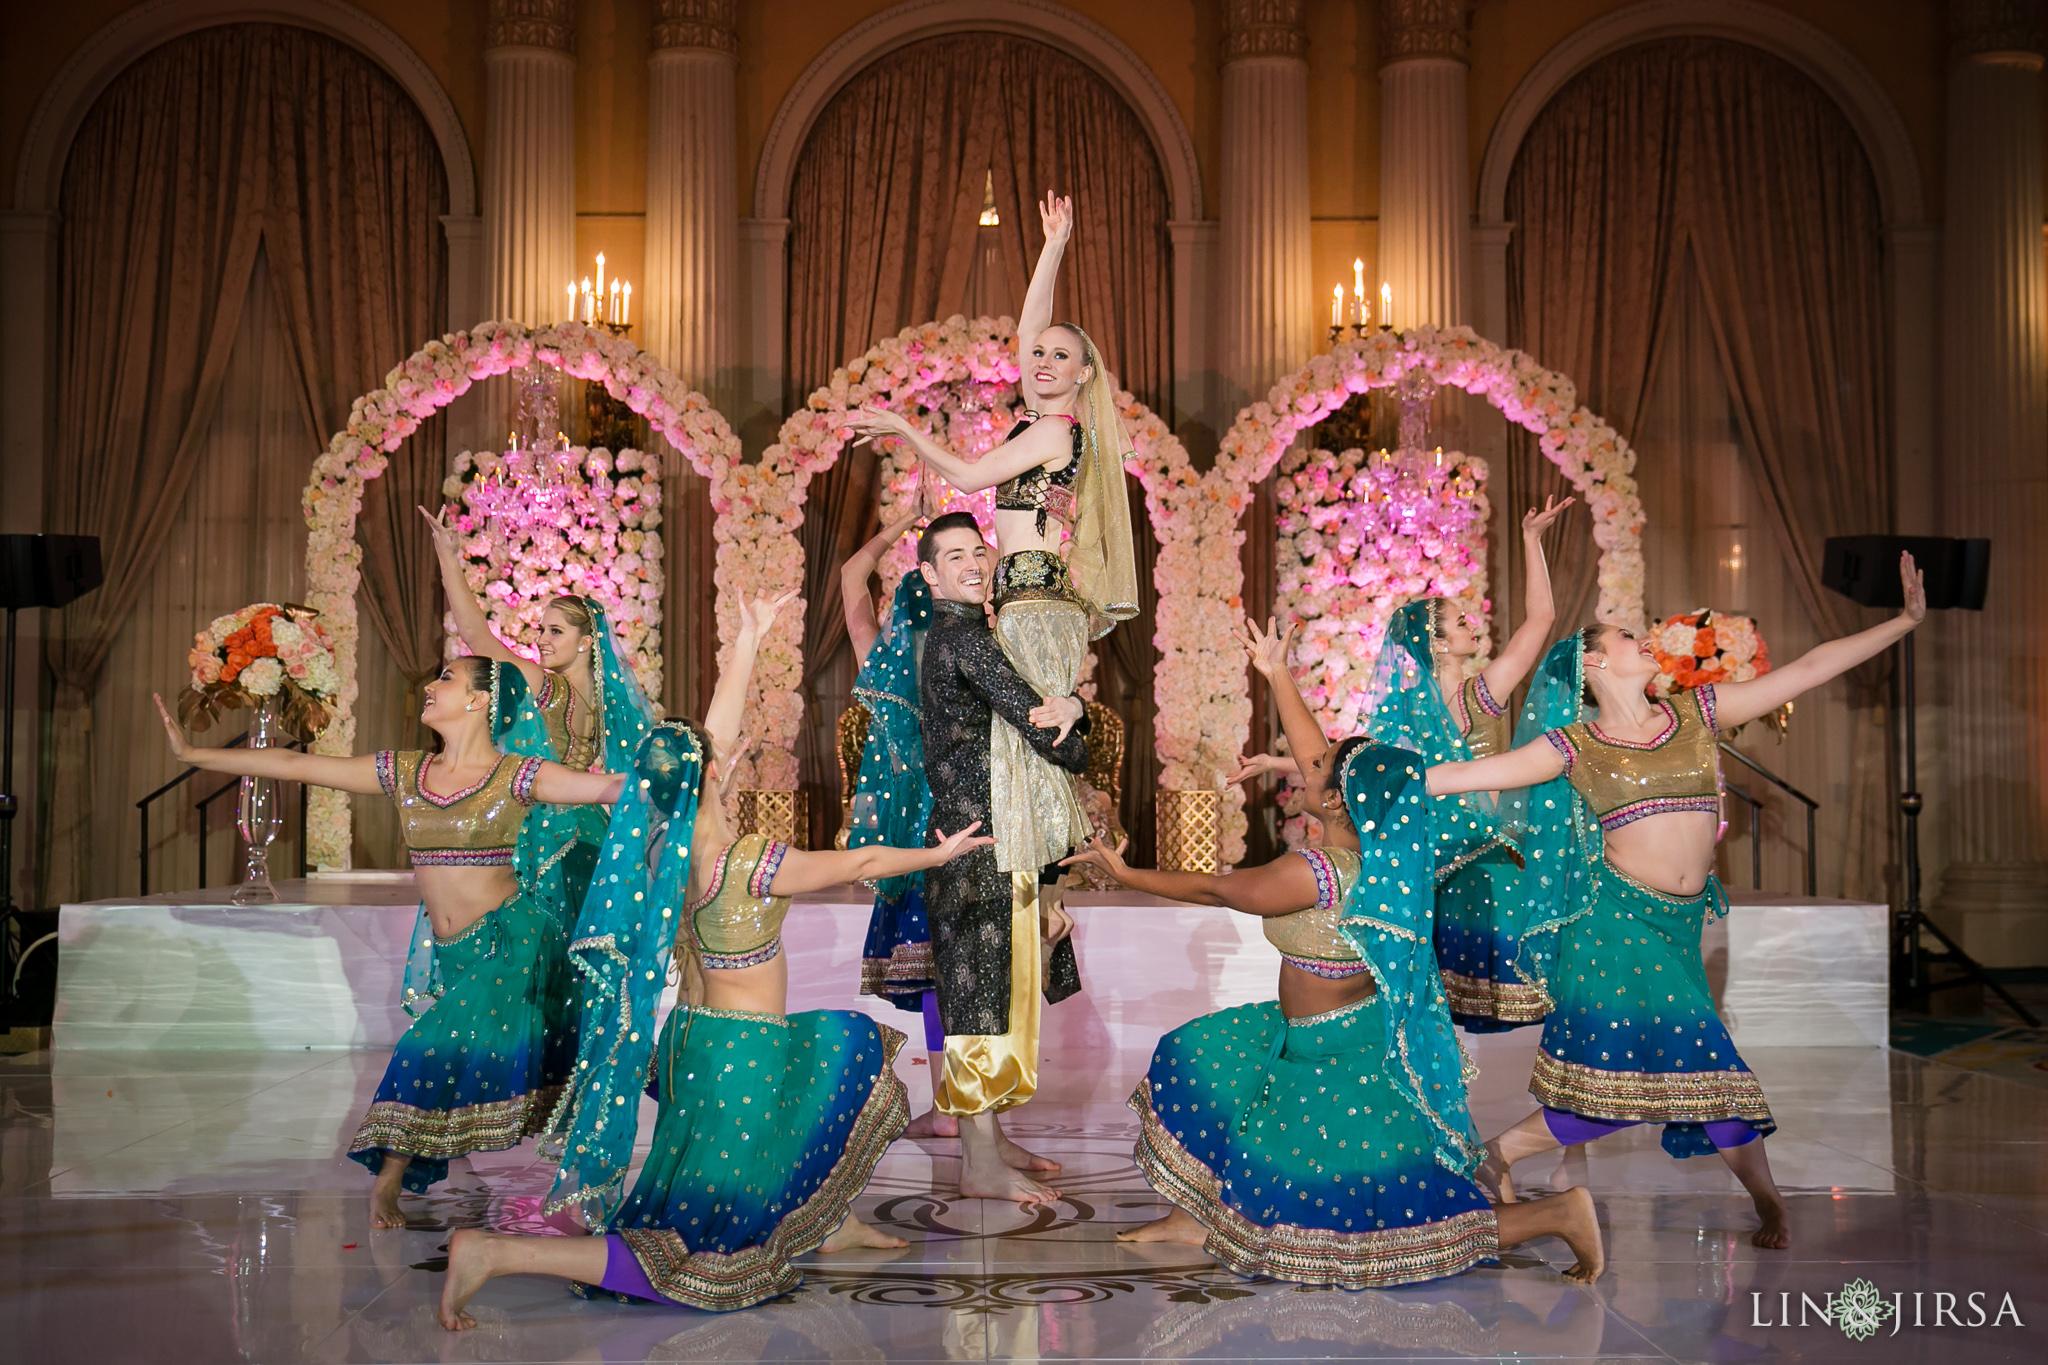 22-biltmore-hotel-los-angeles-wedding-reception-photography